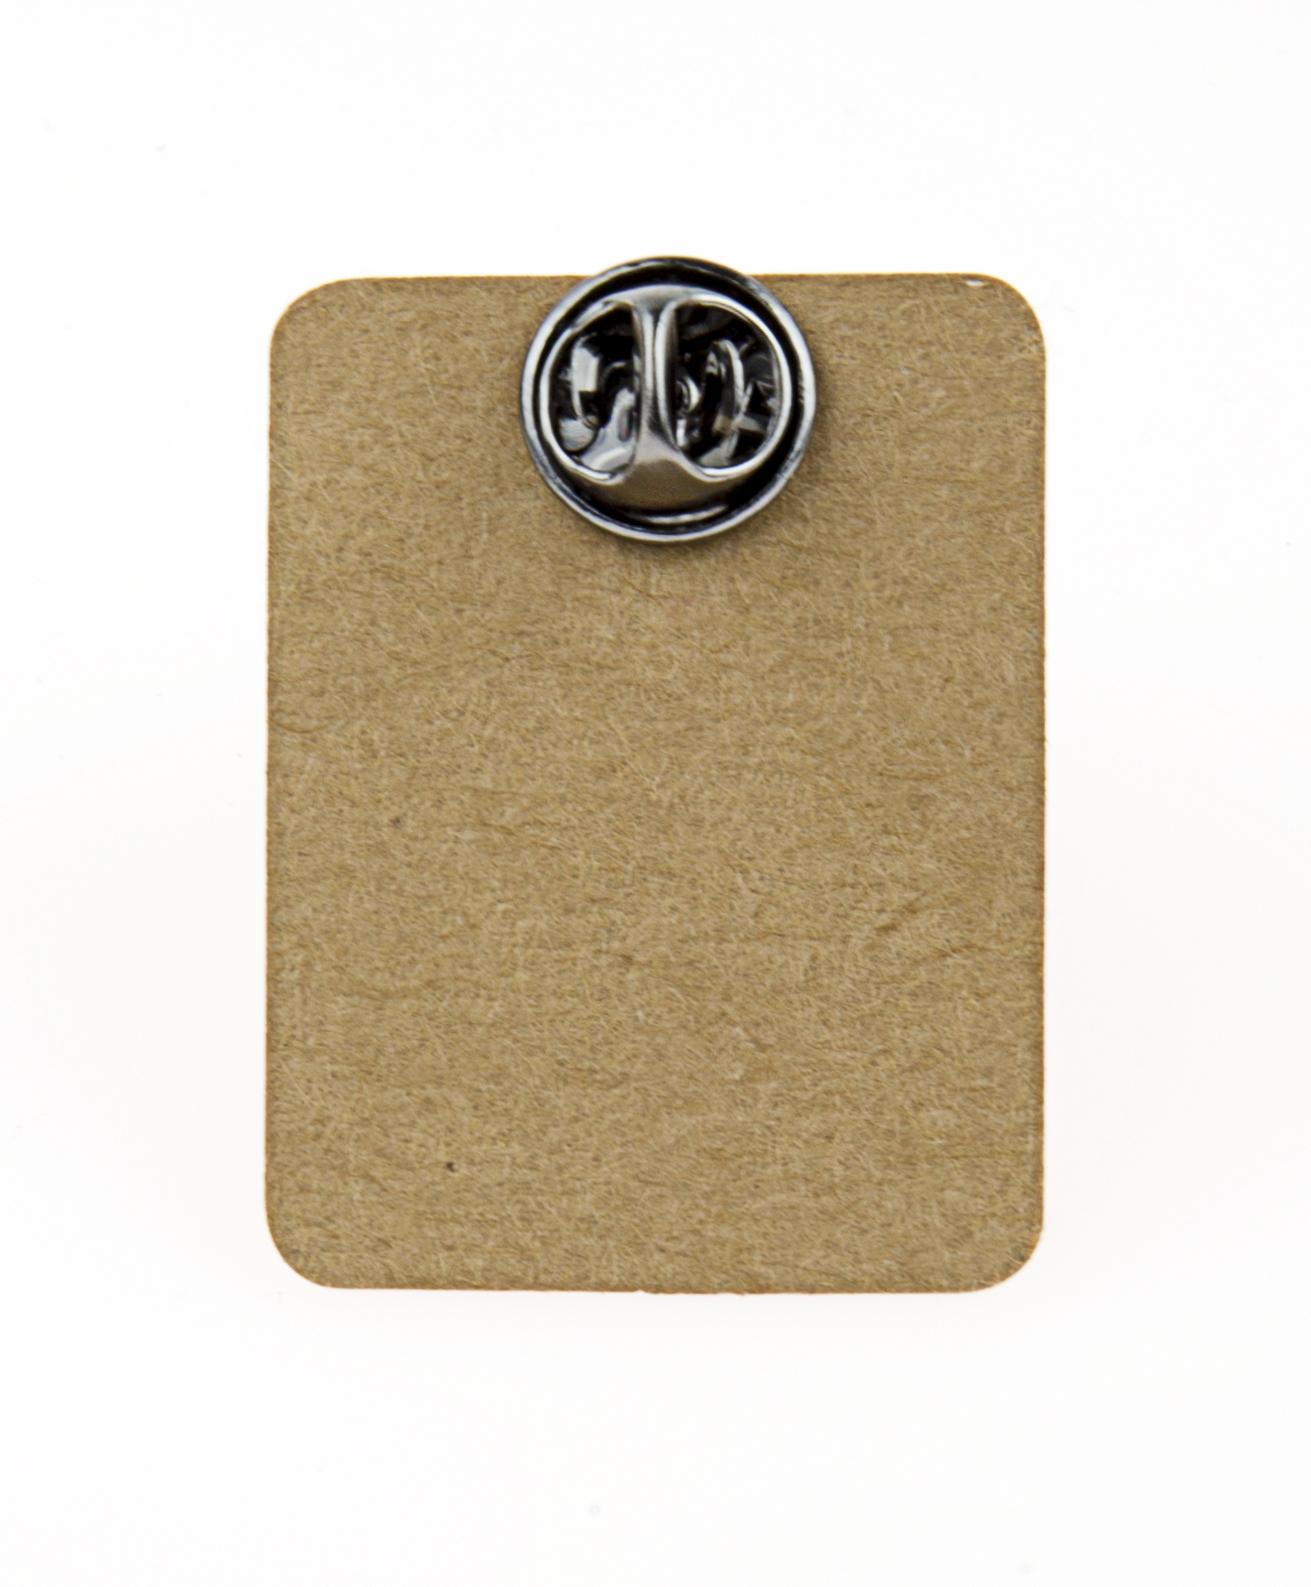 Metal Professor Gadget Enamel Pin Badge